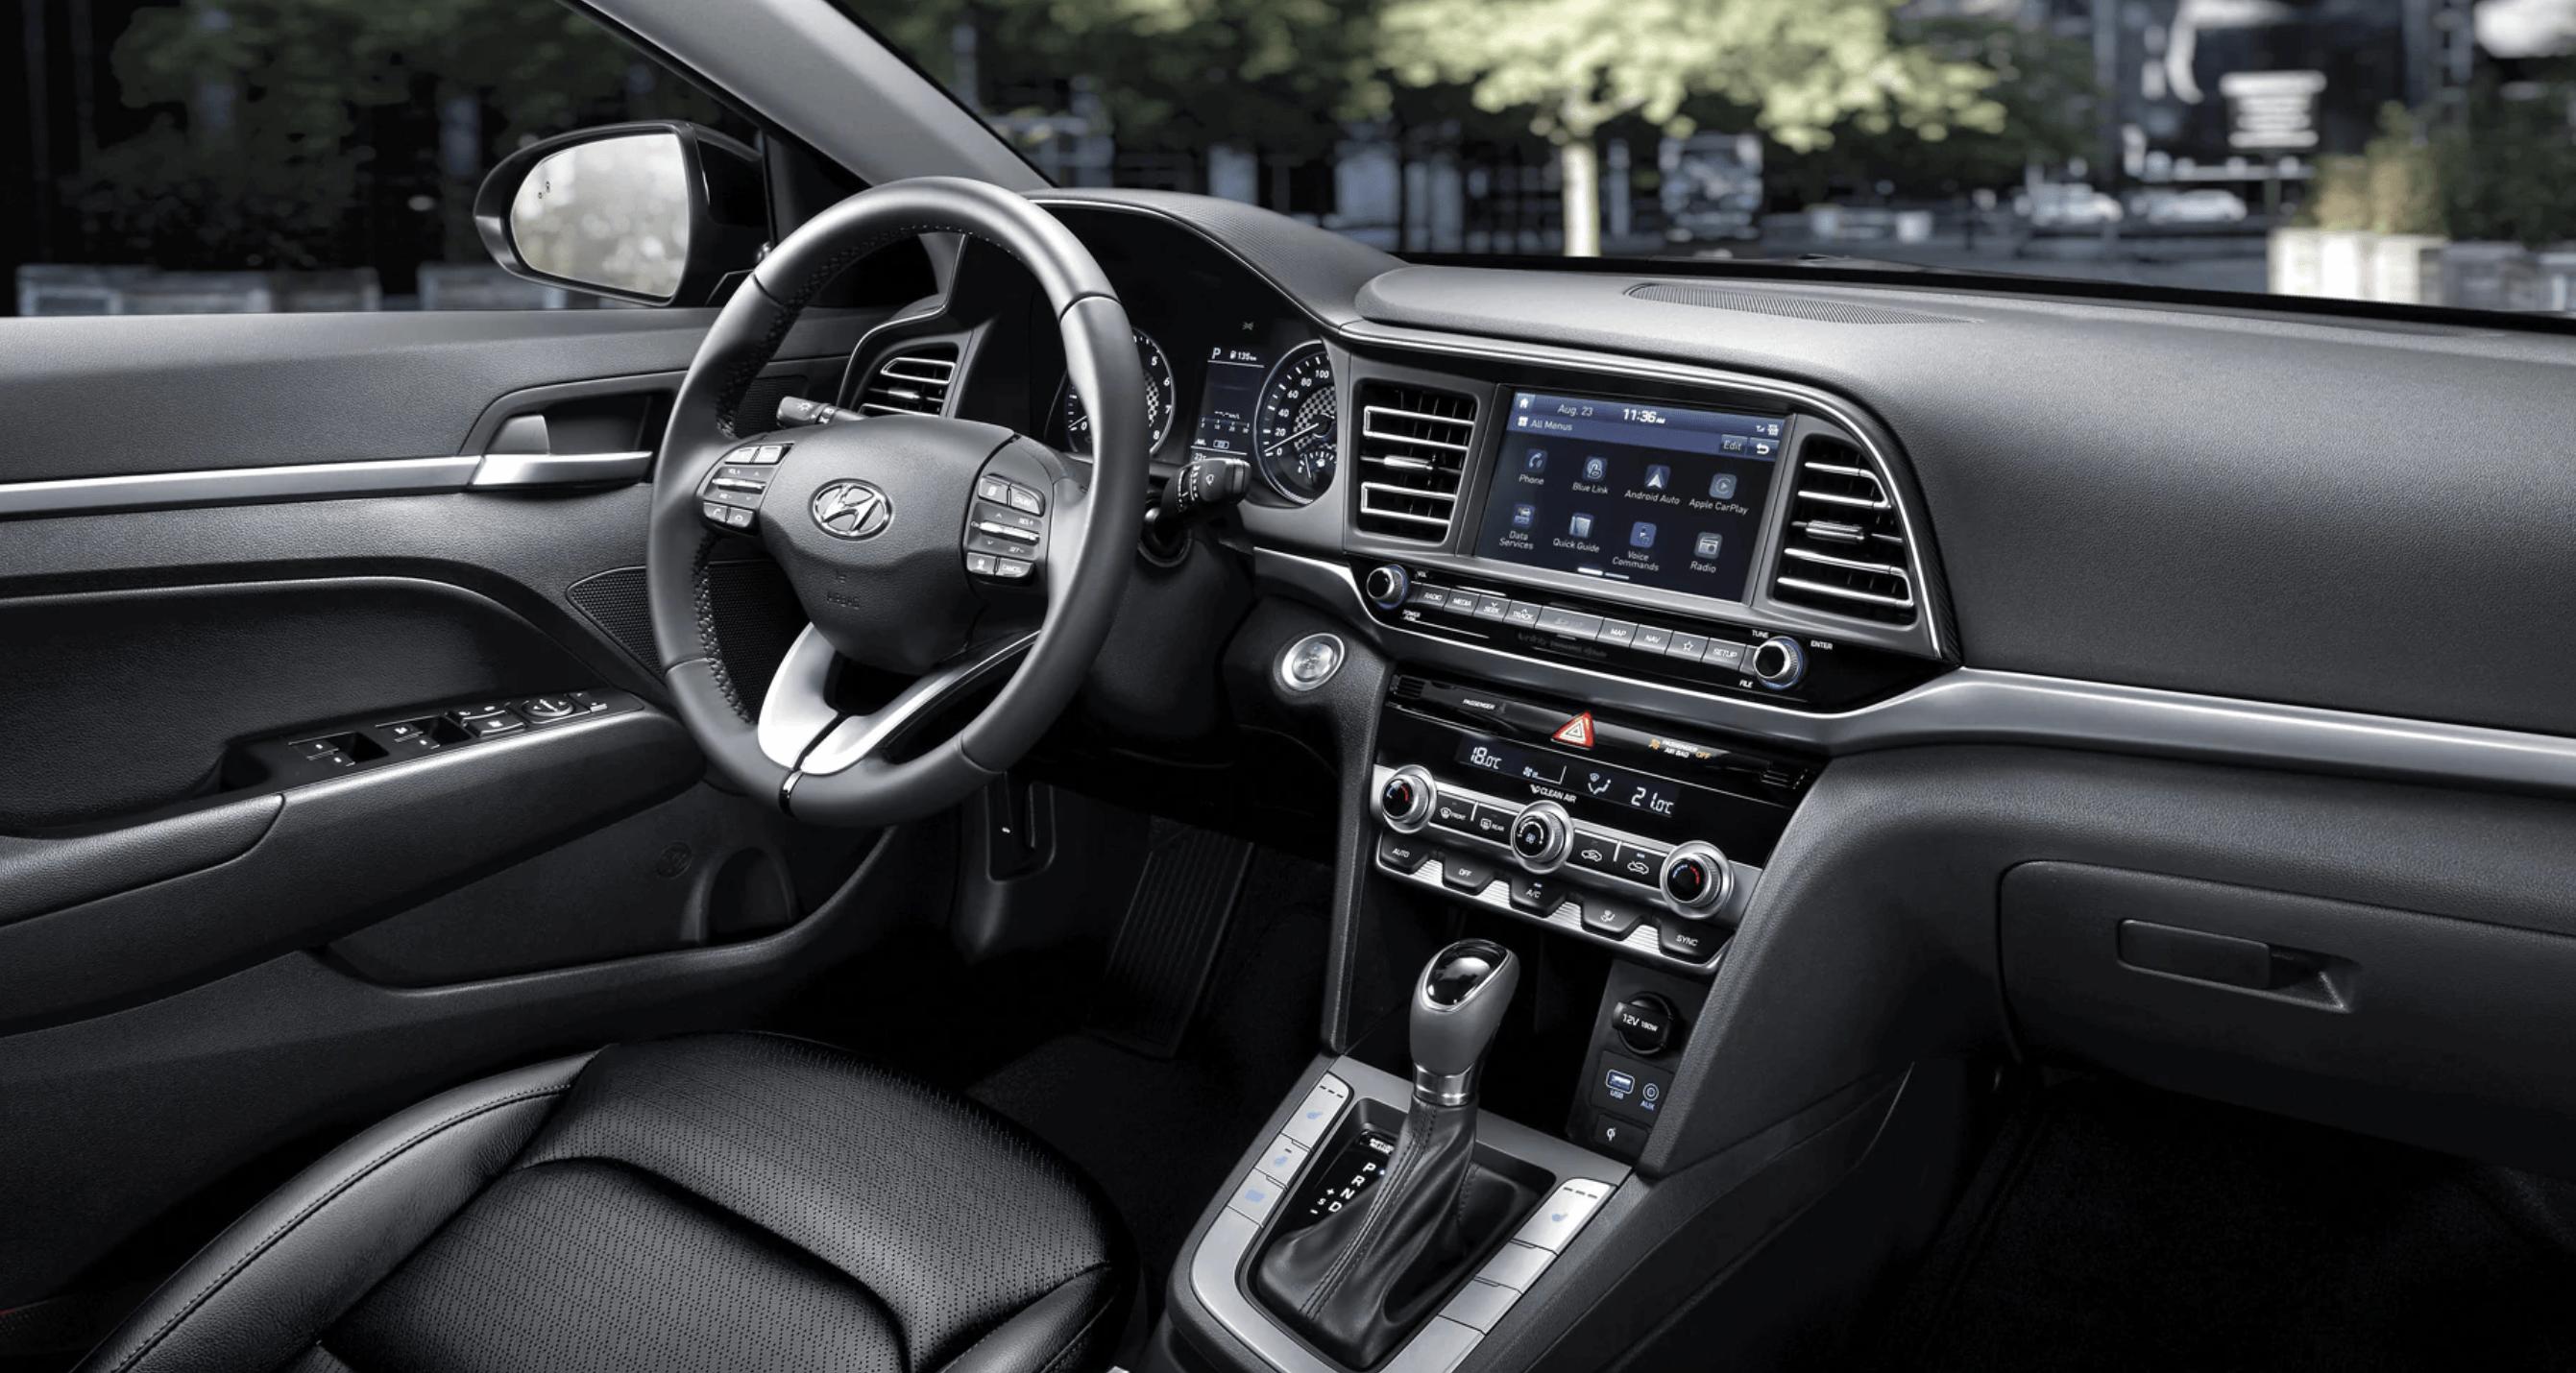 2020 Hyundai Elantra Interior @ Milton Hyundai